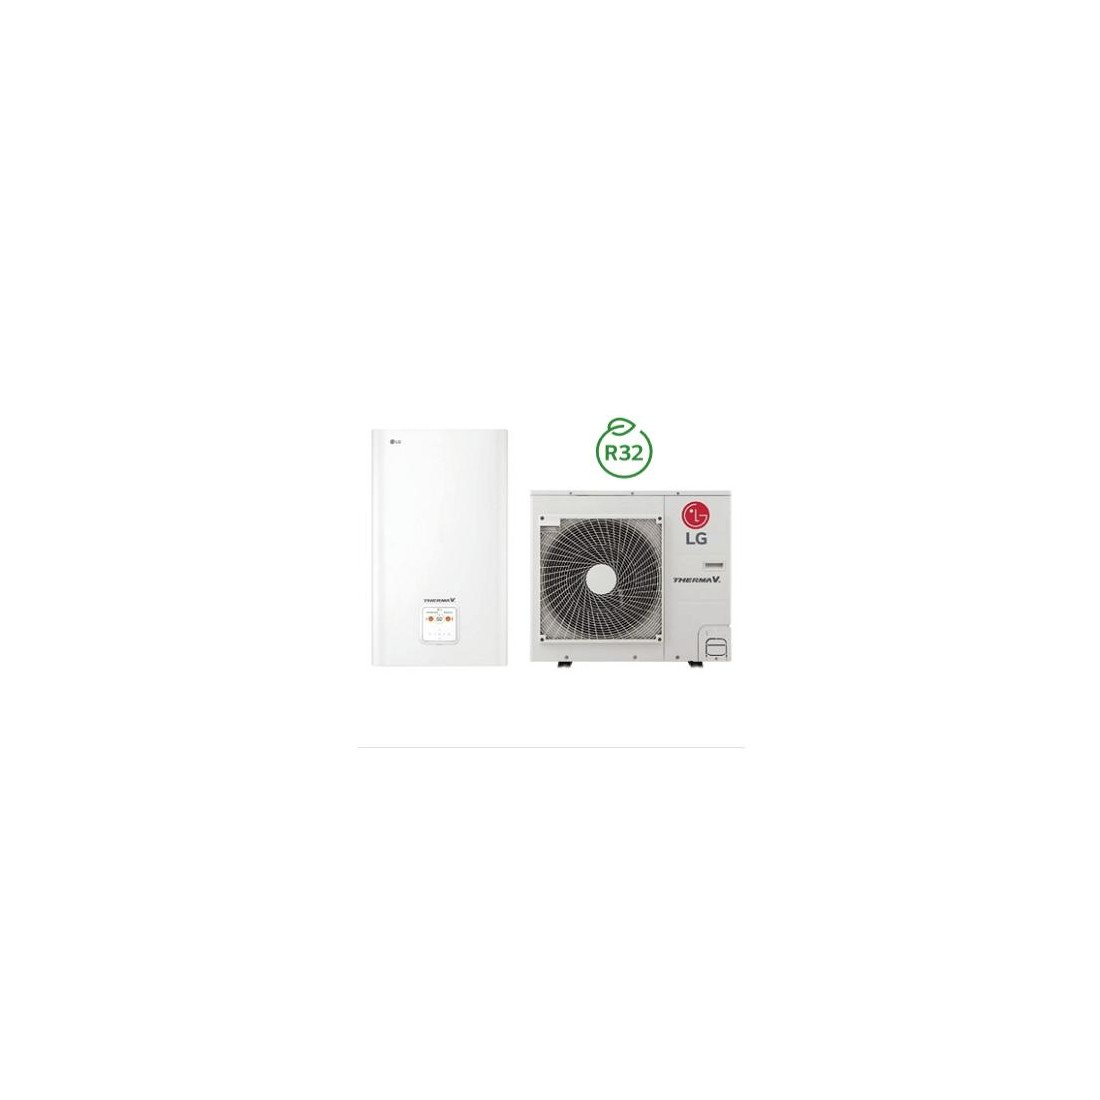 Šilumos siurblys Oras-Vanduo LG Therma V, Split, 7 kW Ø1 + kondicionierius LG tik už 1 ct!